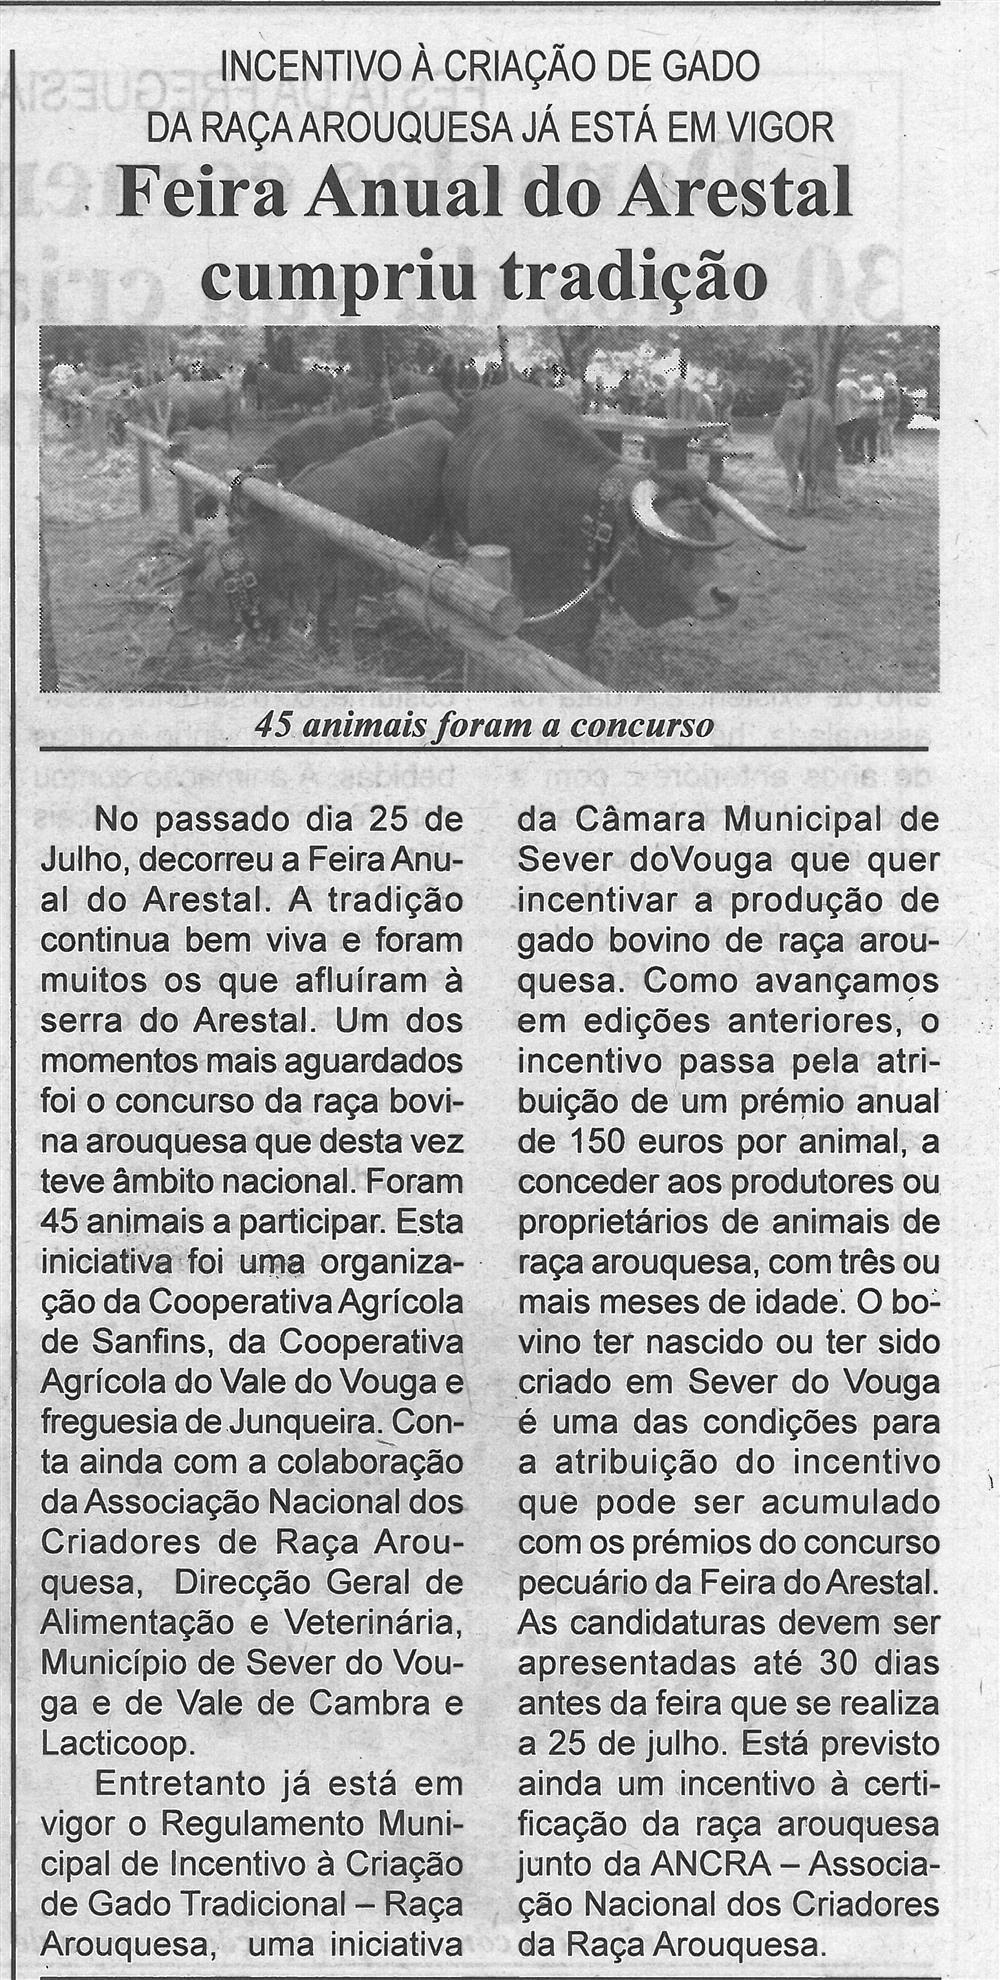 BV-1.ªago.'19-p.7-Feira Anual do Arestal cumpriu tradição : incentivo à criação de gado da raça arouquesa já está em vigor.jpg